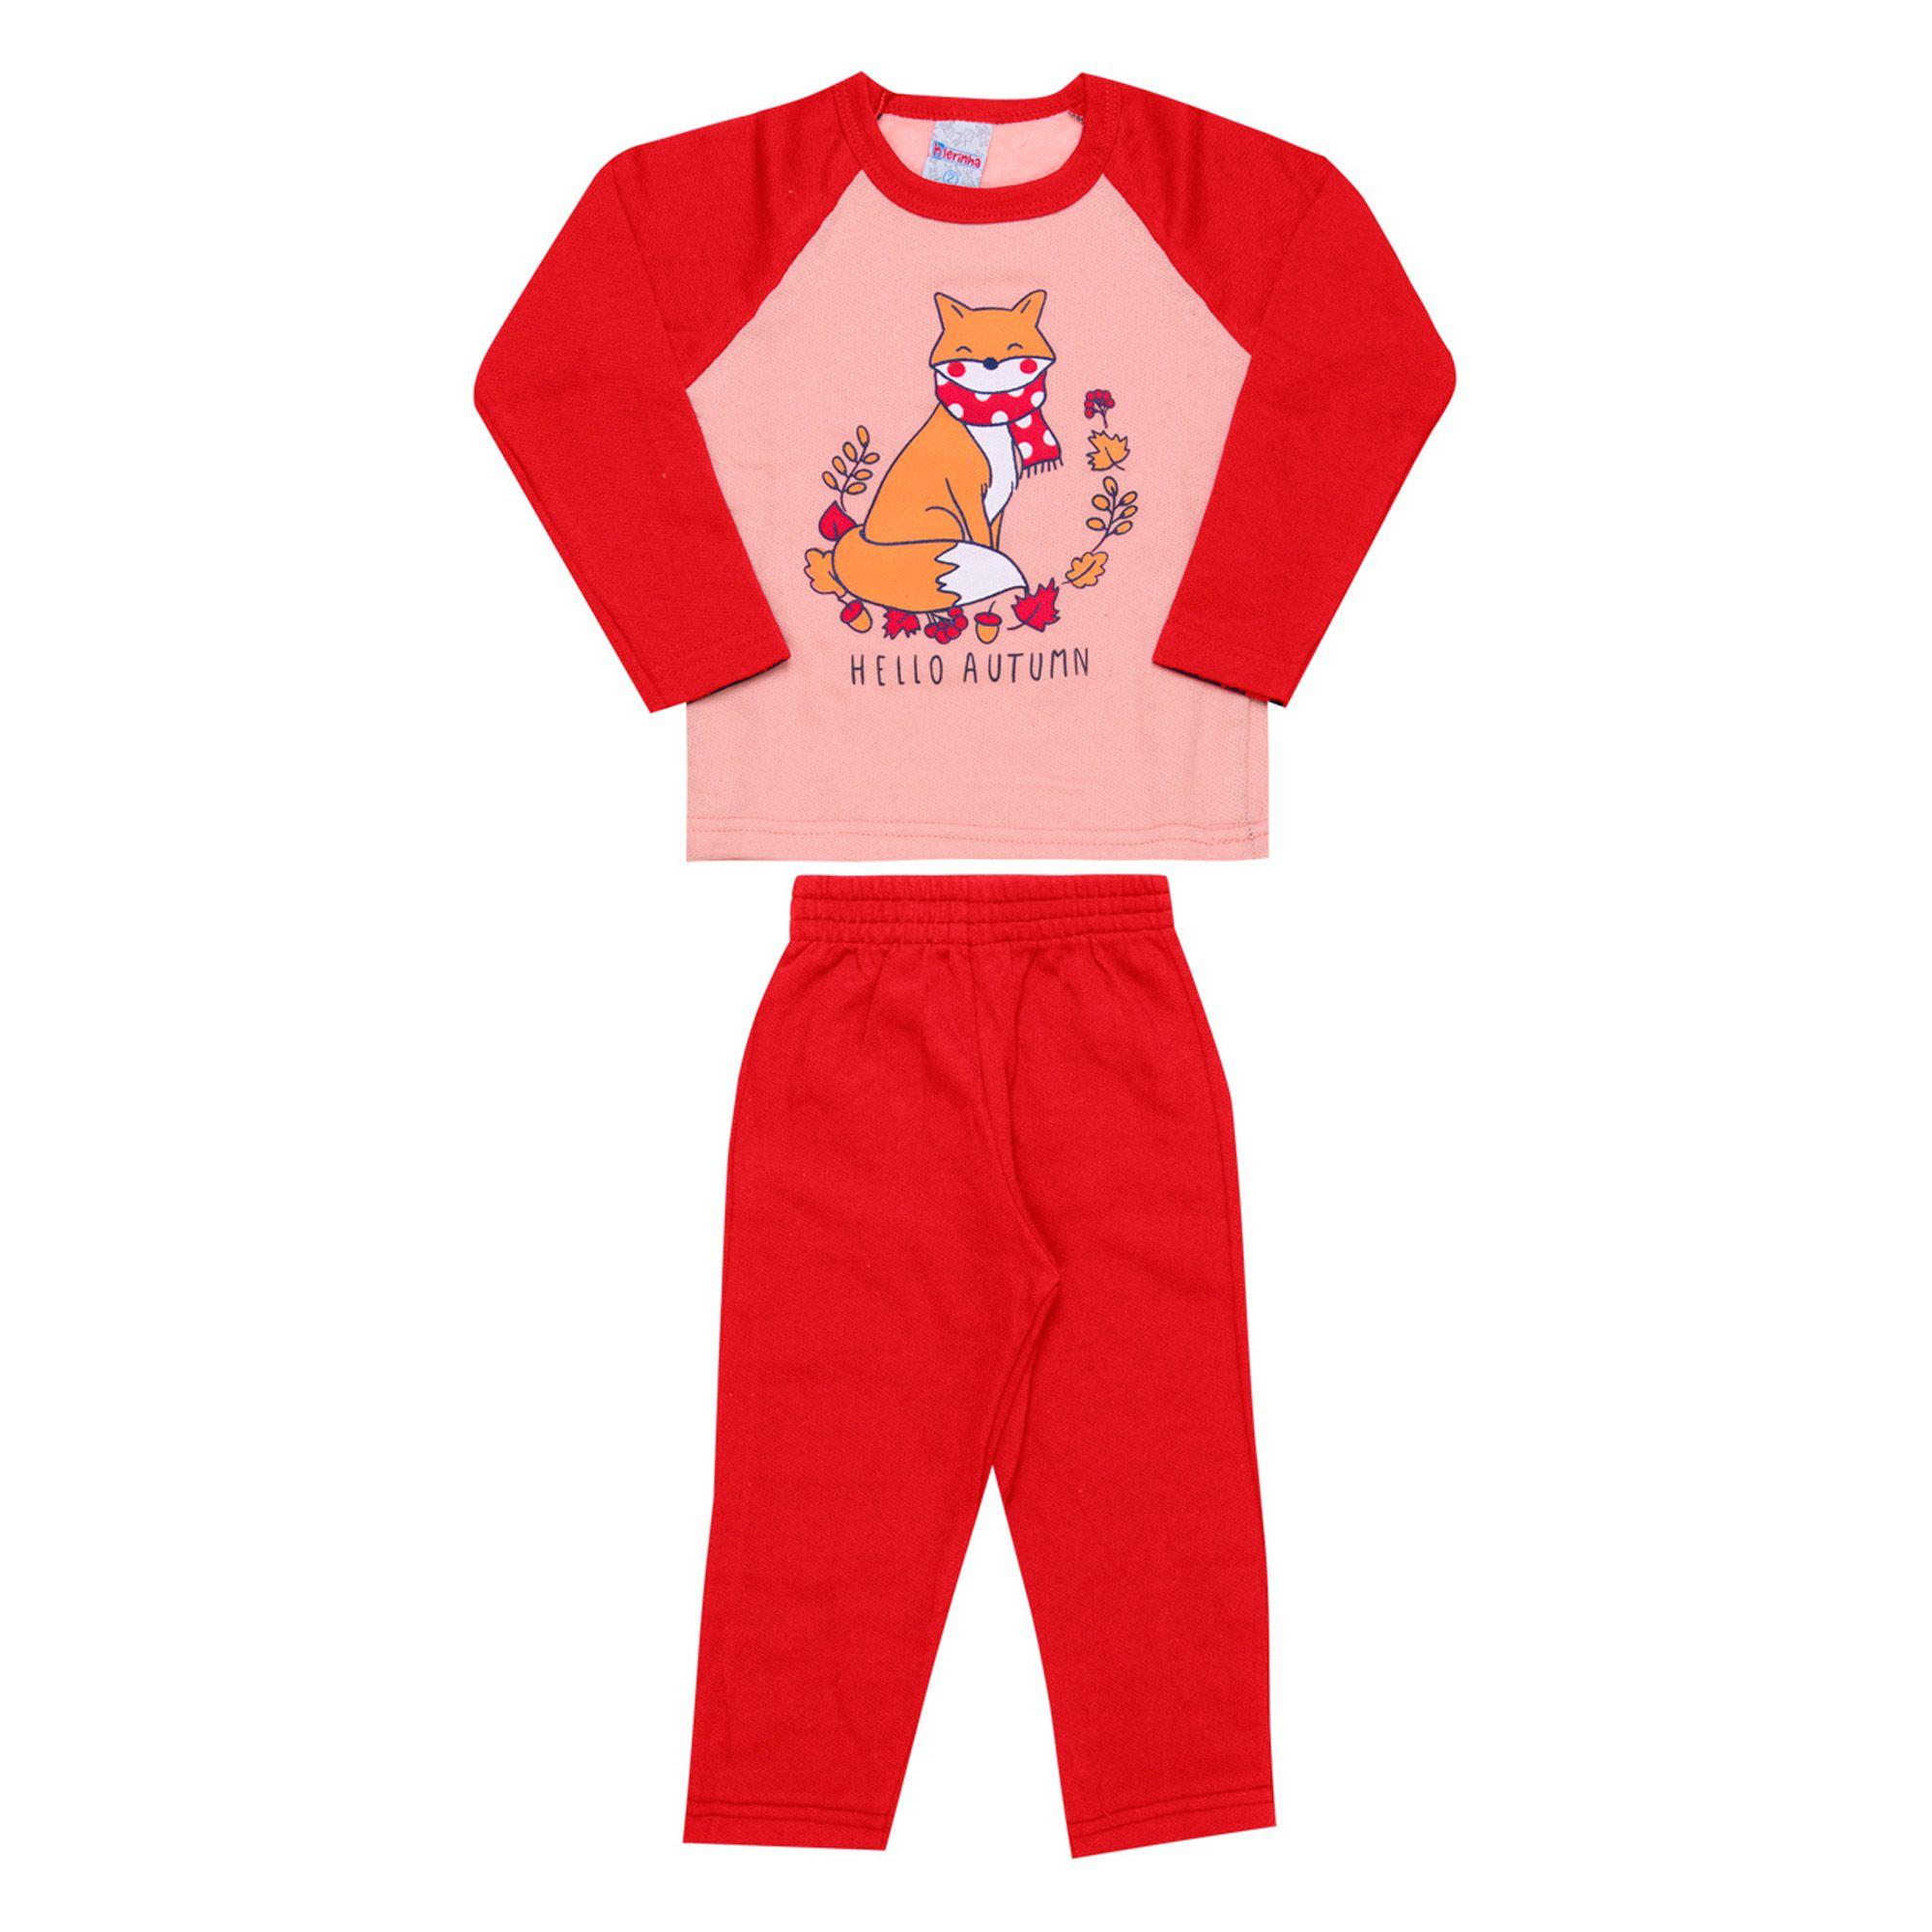 Conjunto Infantil Feminino  2 peças - Ref 1942 - Rosa/Vermelho